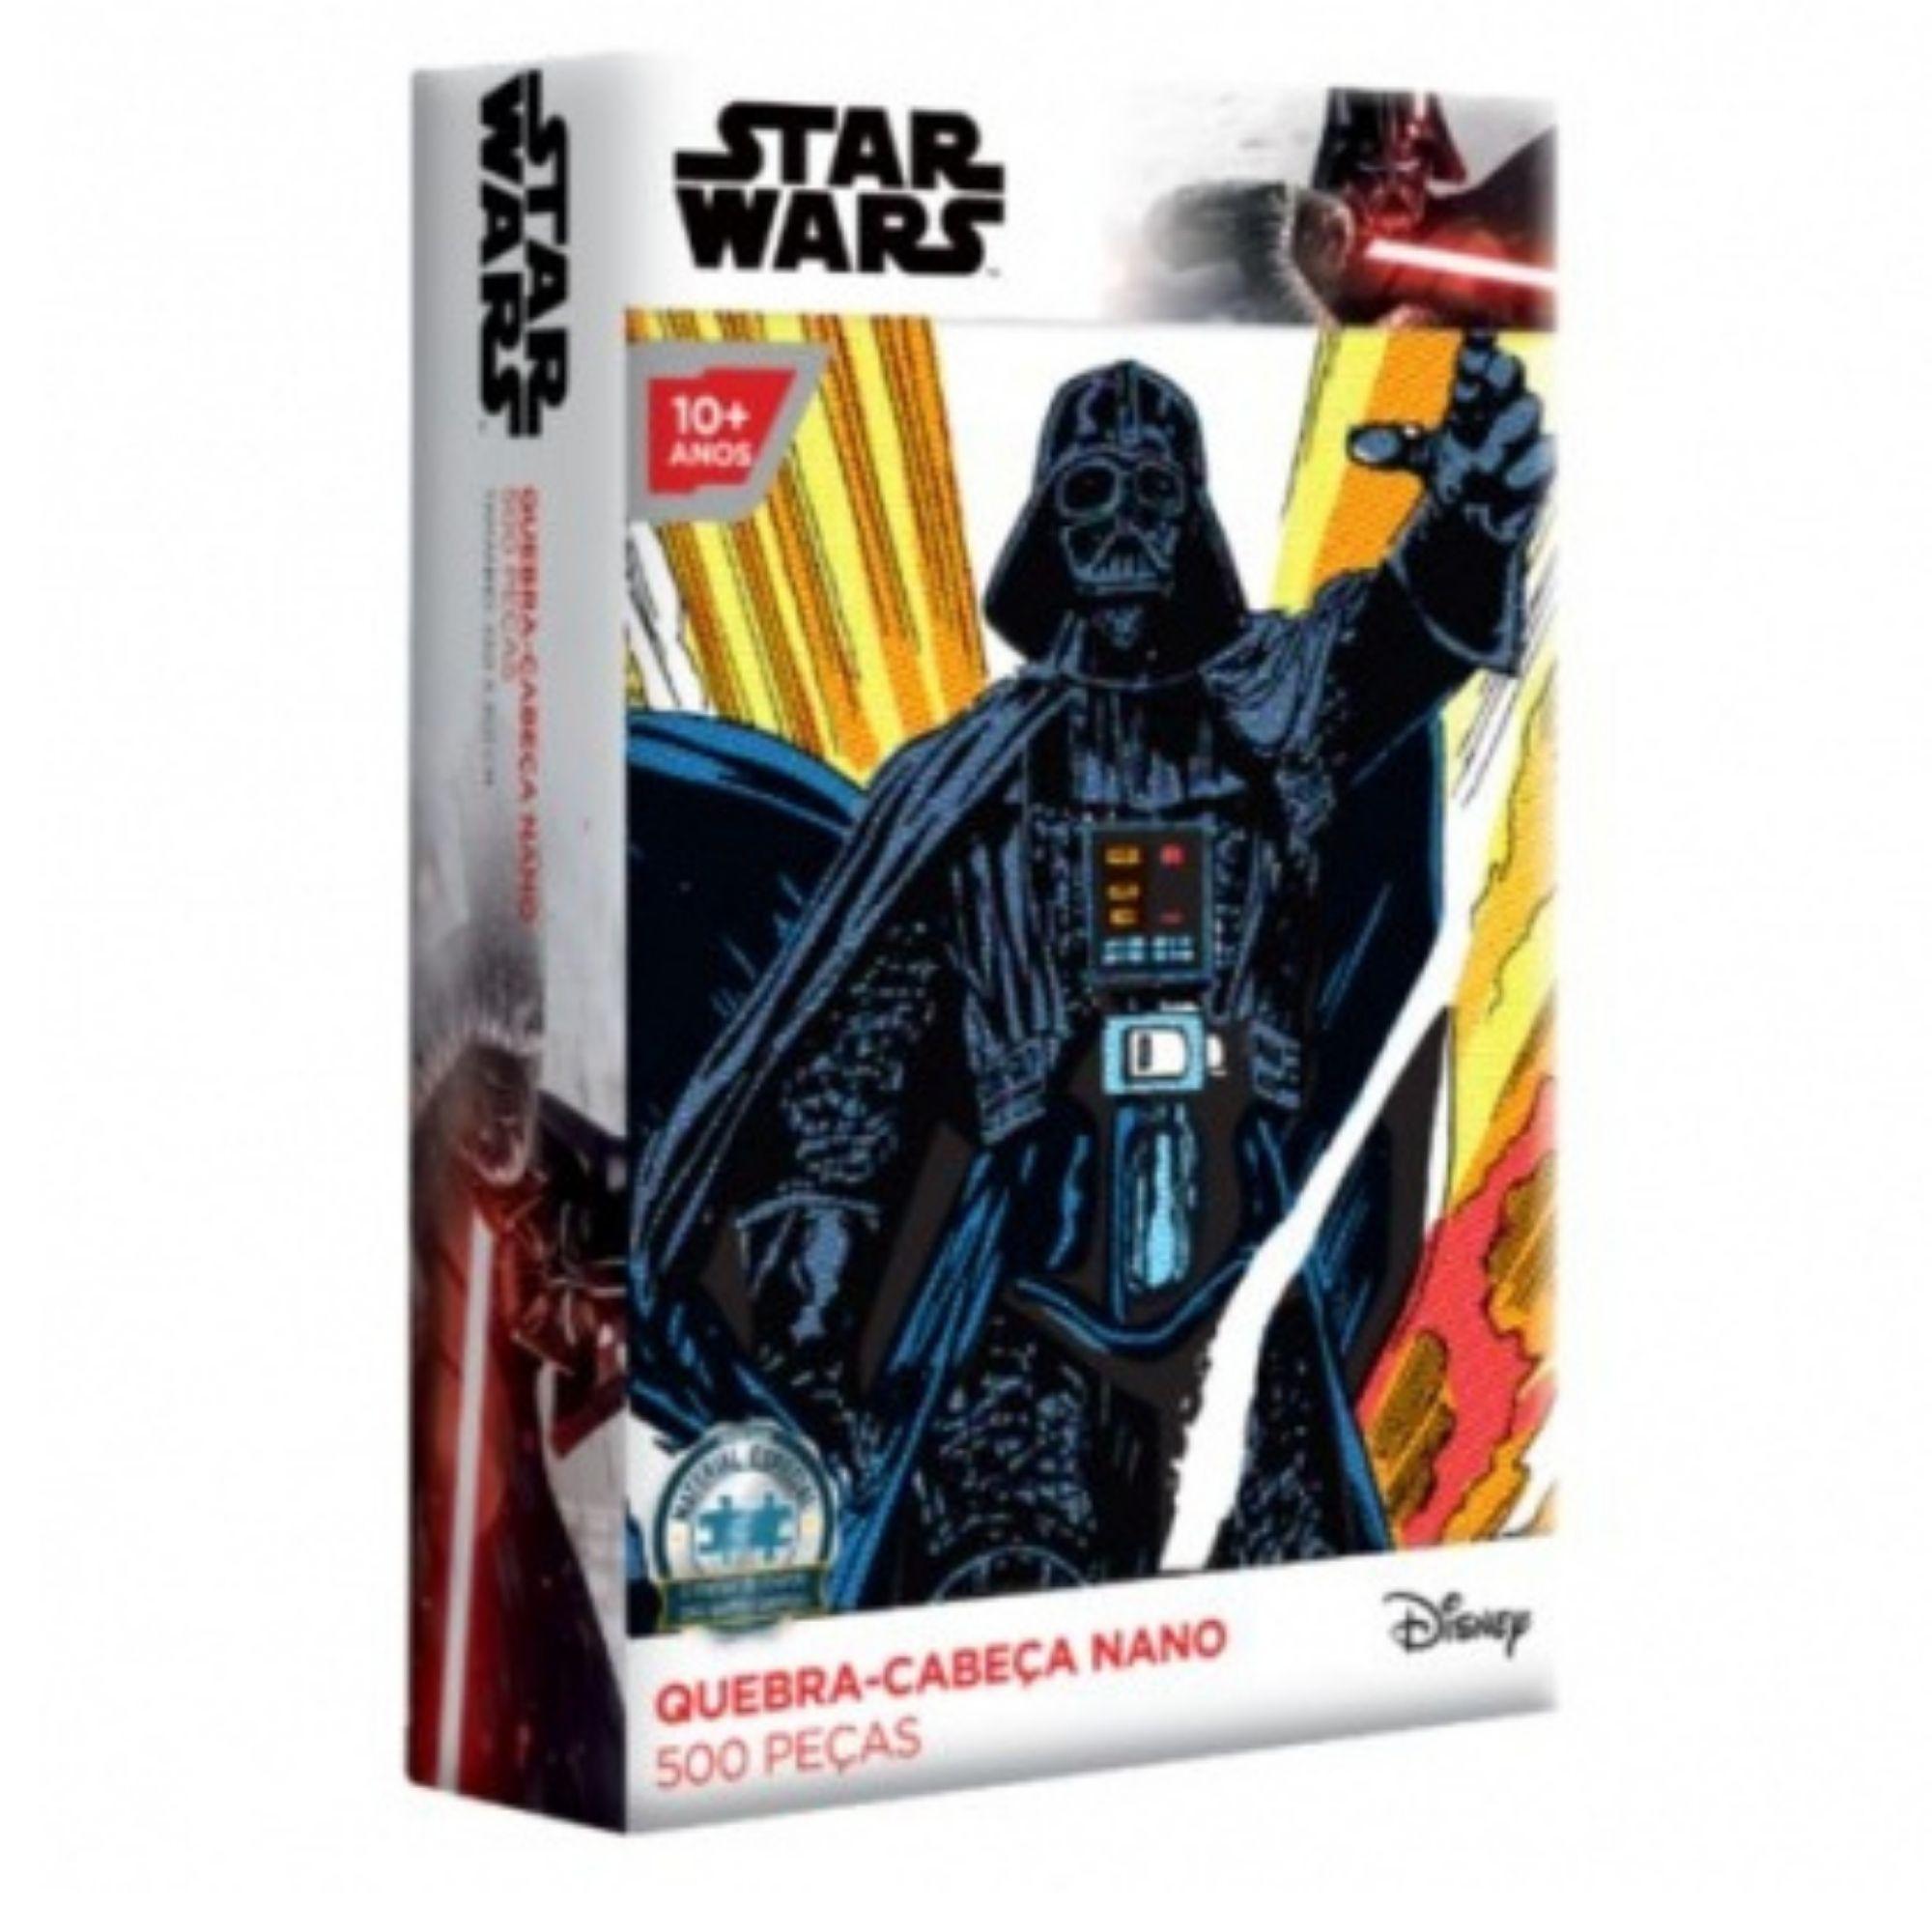 Quebra-Cabeça Star Wars Darth Vader - 500 peças nano - Game Office